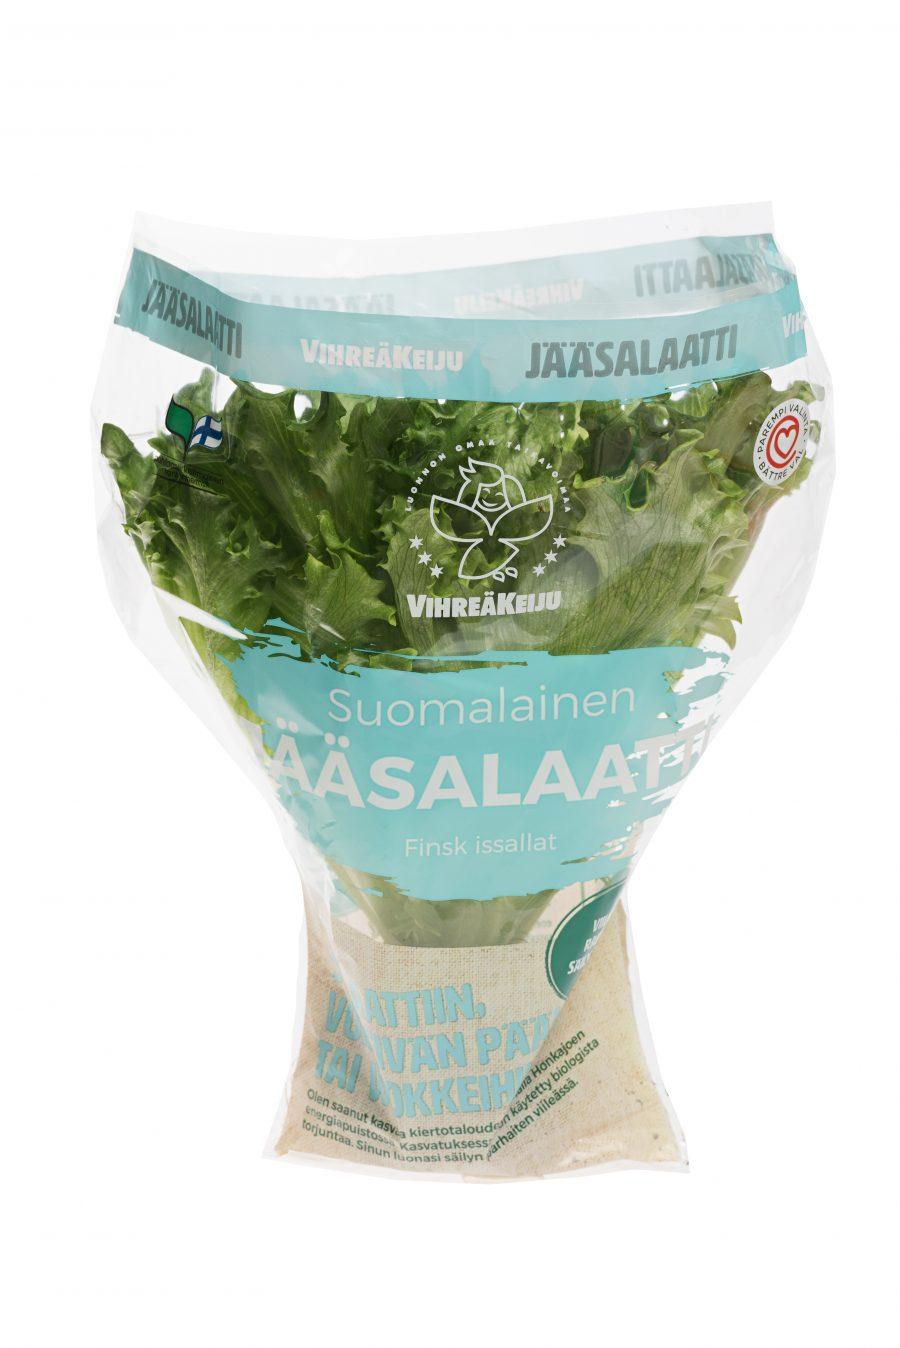 Vihreäkeiju jääsalaatti, ruukku